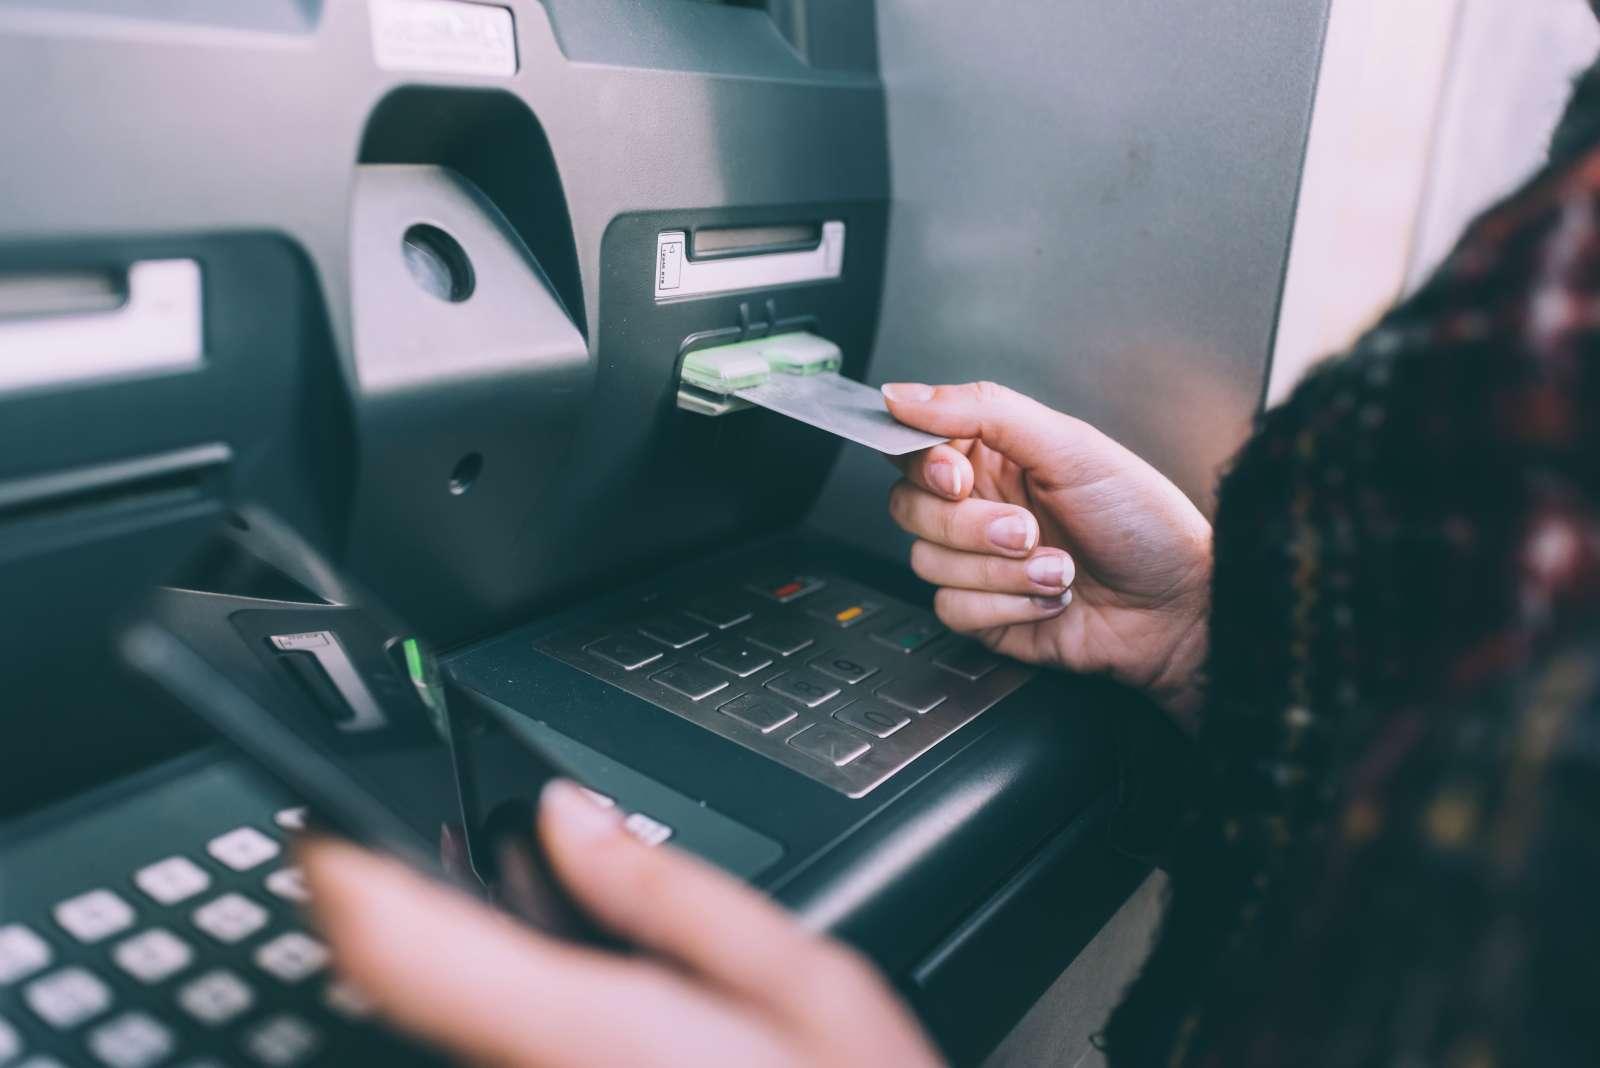 Nhà nghiên cứu bảo mật hack dễ dàng máy ATM bằng ứng dụng Android và giao thức thanh toán NFC - Ảnh 2.